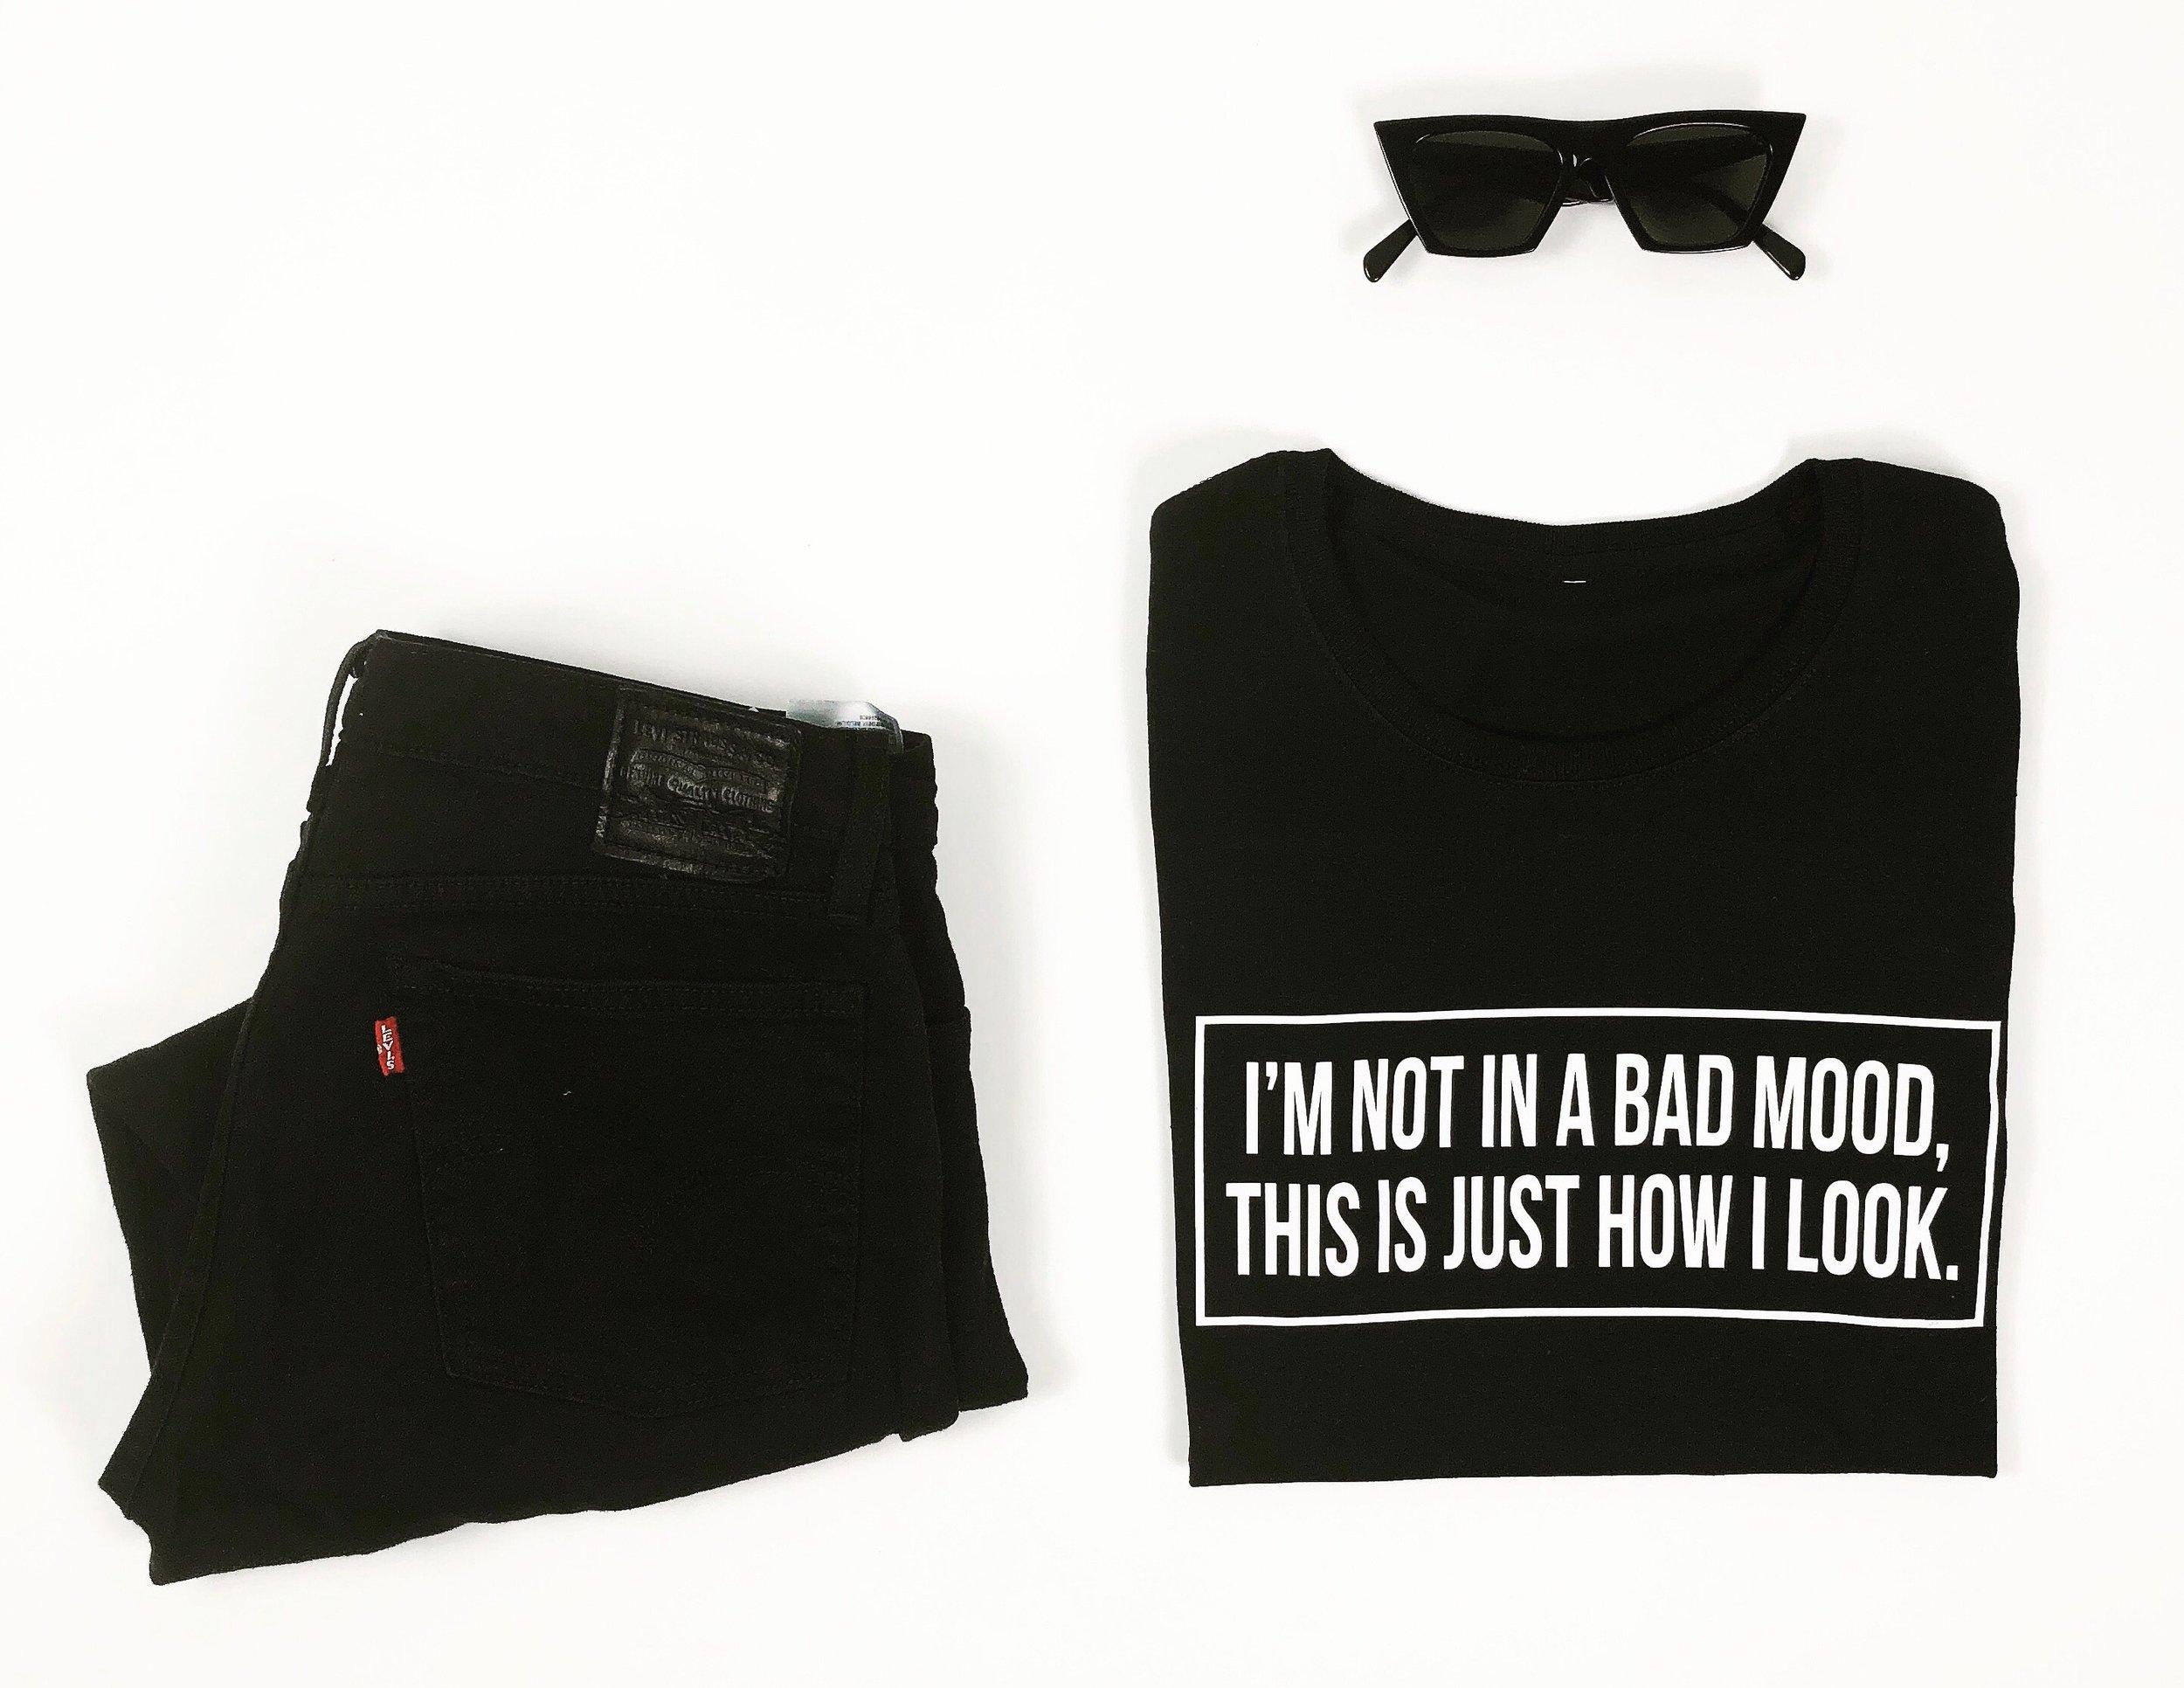 c1036f6d7 I'm not in a bad mood, this is just how I look. T-shirt